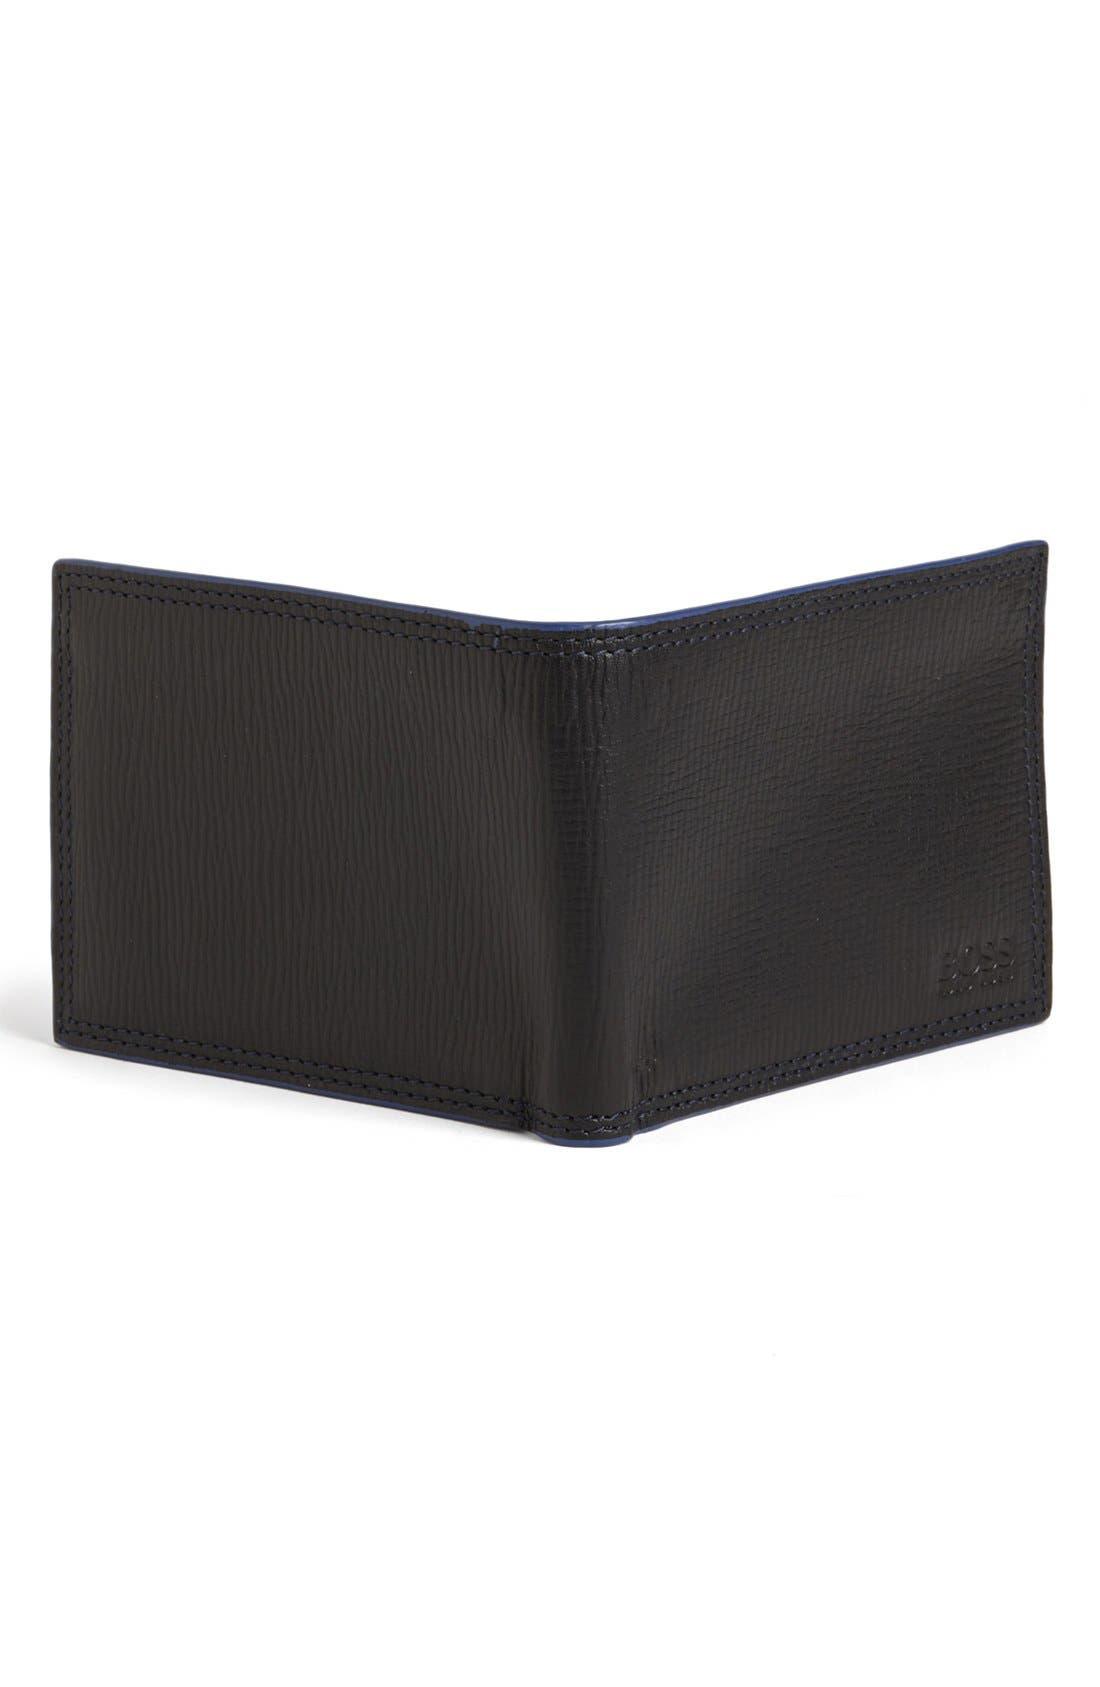 Alternate Image 3  - BOSS HUGO BOSS 'Prenson' Wallet